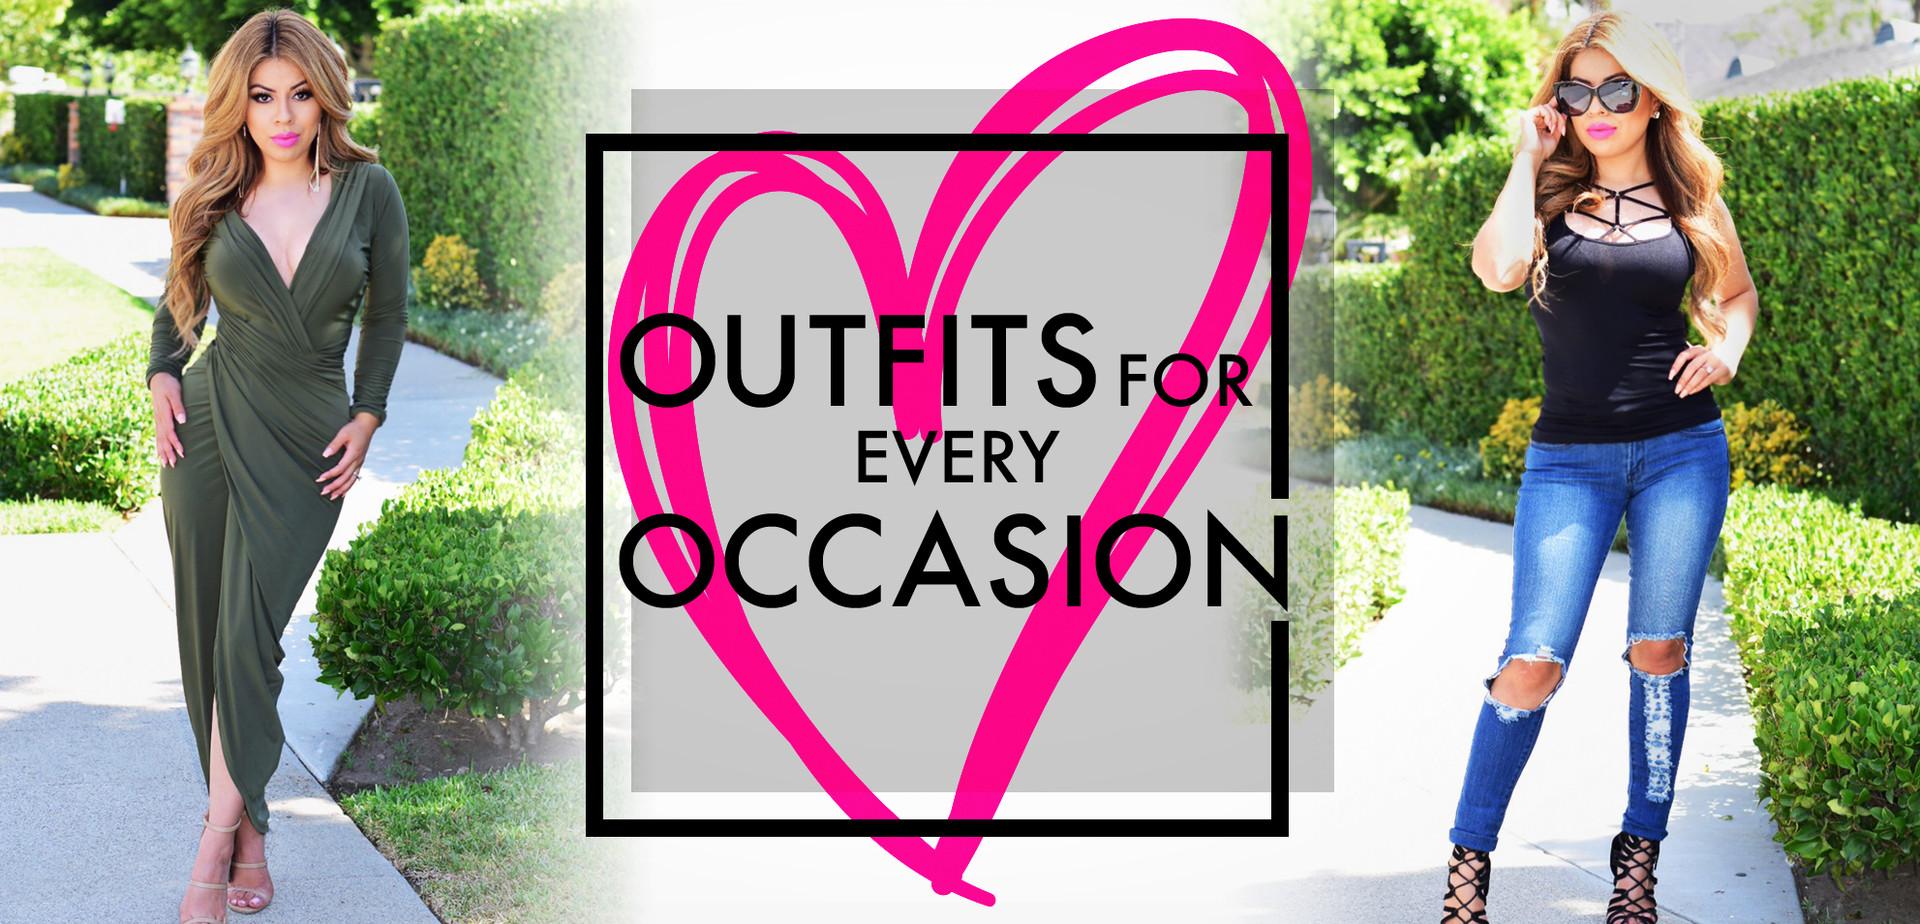 c4b069247 Contemporary Women s Online Fashion Boutique. – Lavish Couture Boutique